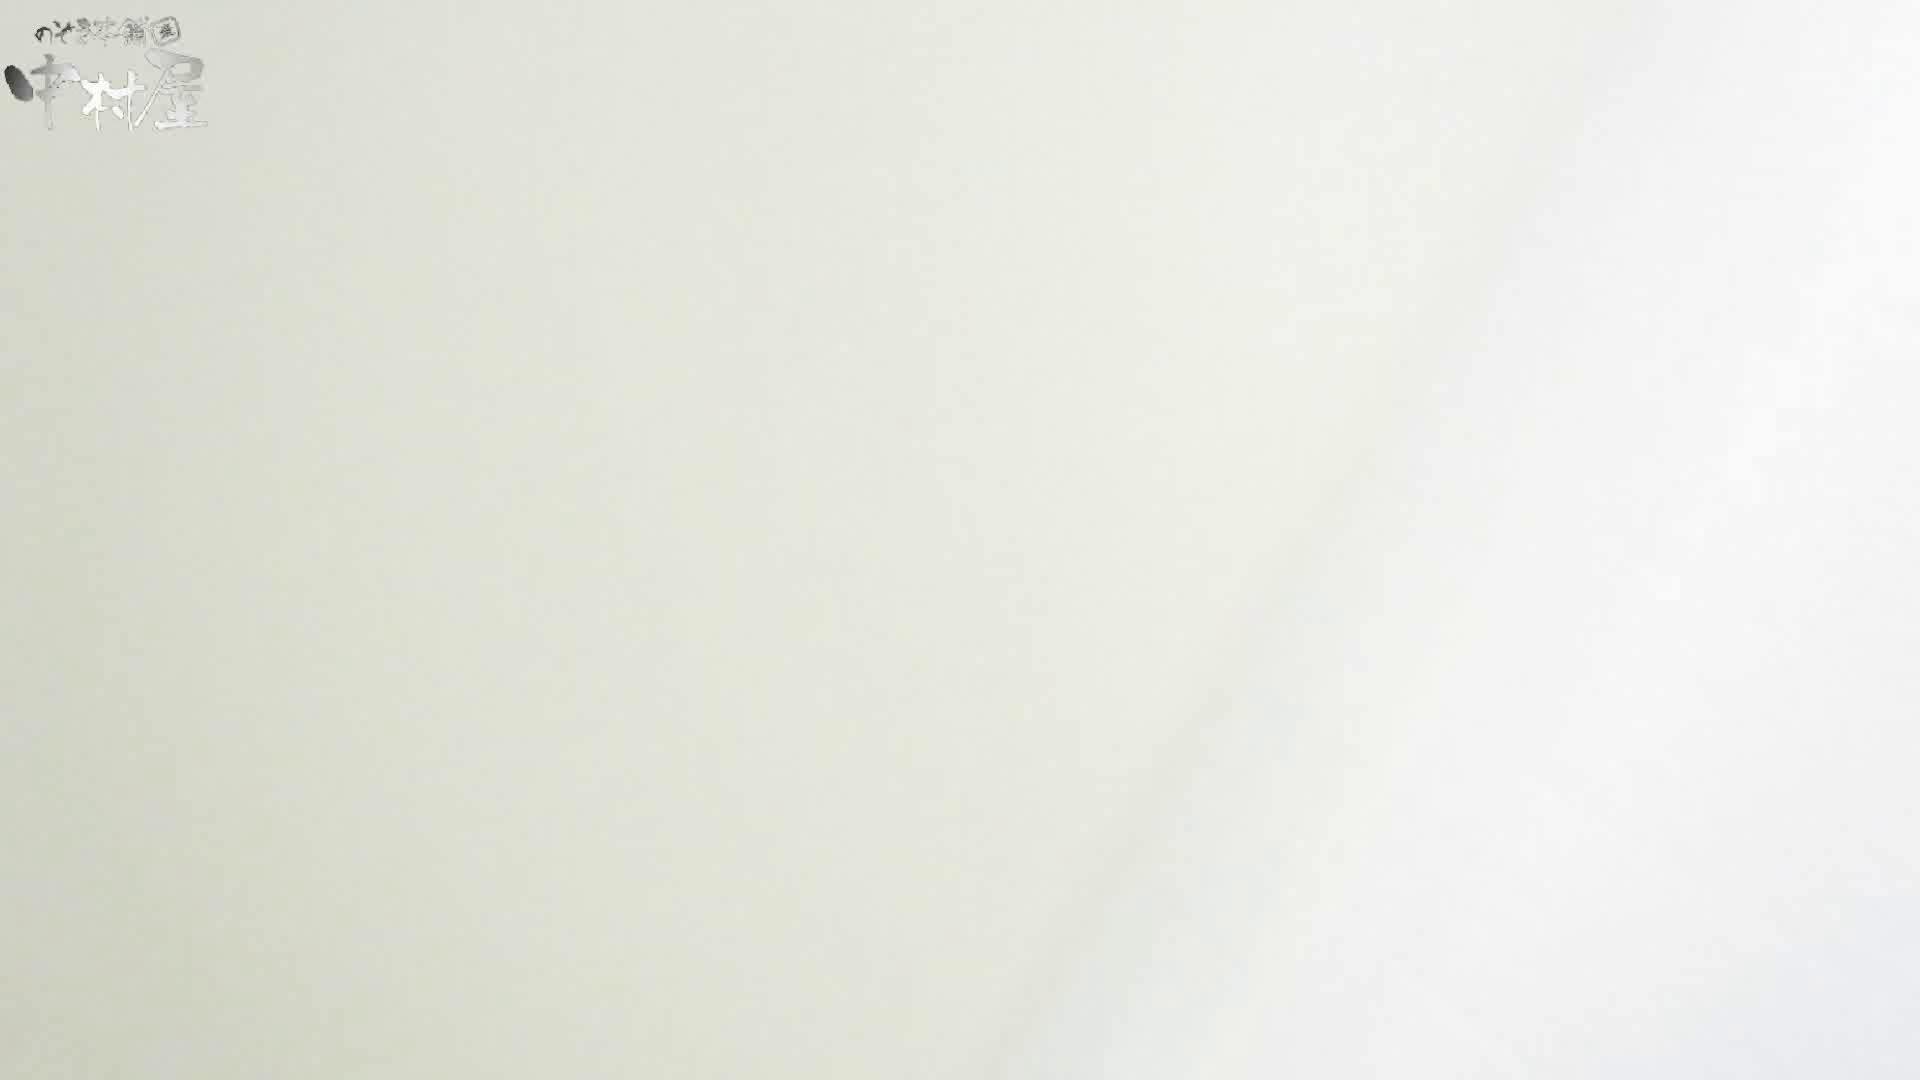 魂のかわや盗撮62連発! ロンハーギャル! 45発目! 萌えギャル スケベ動画紹介 93連発 59